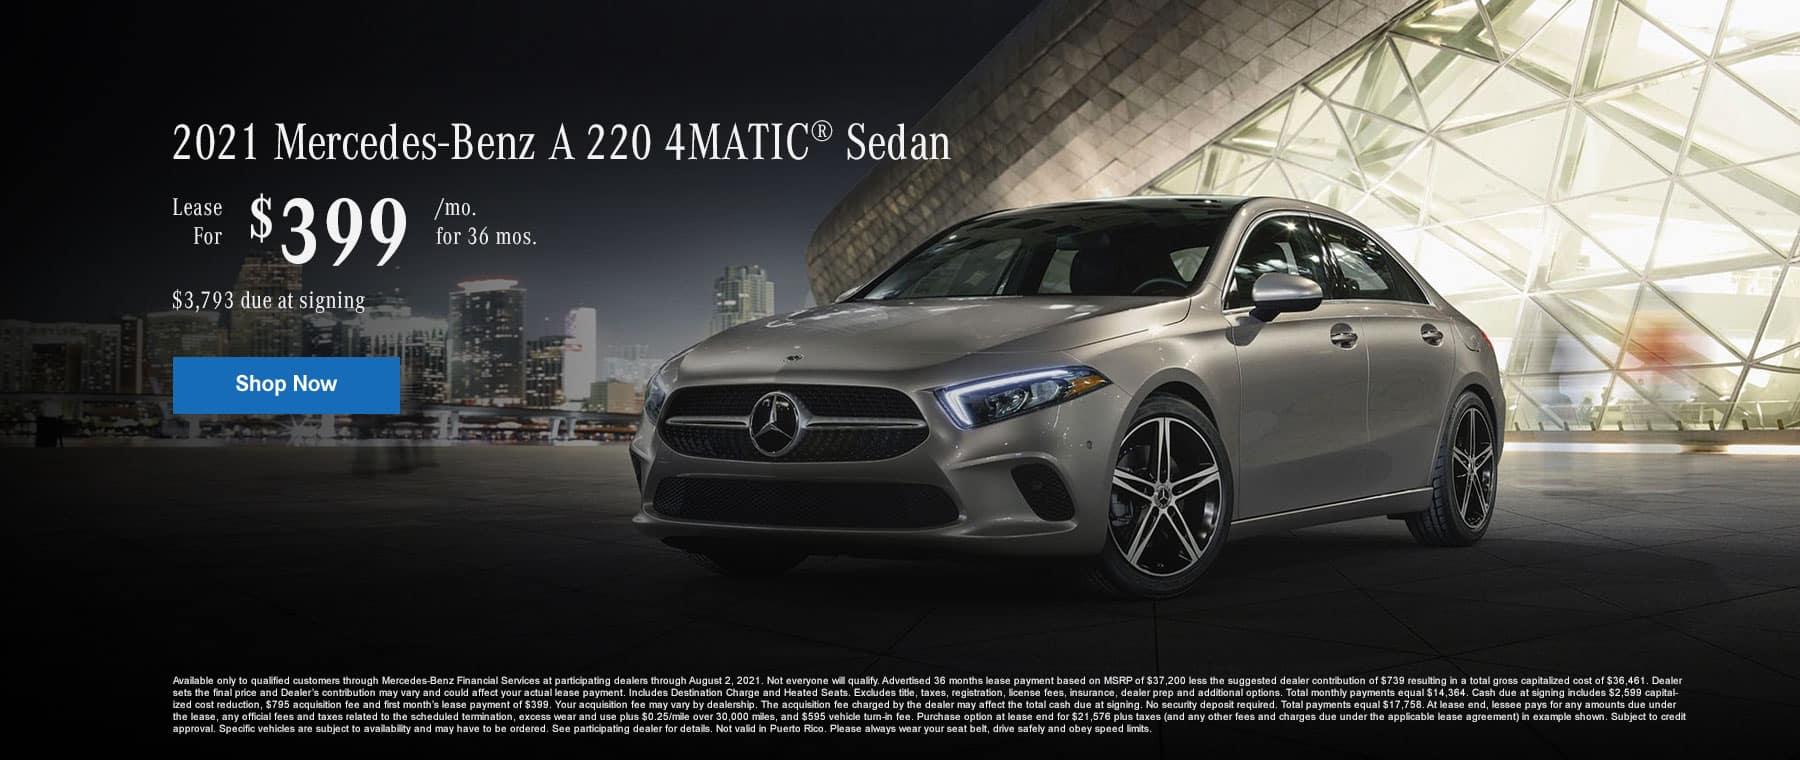 2021 Mercedes-Benz A 220 4MATIC® Sedan